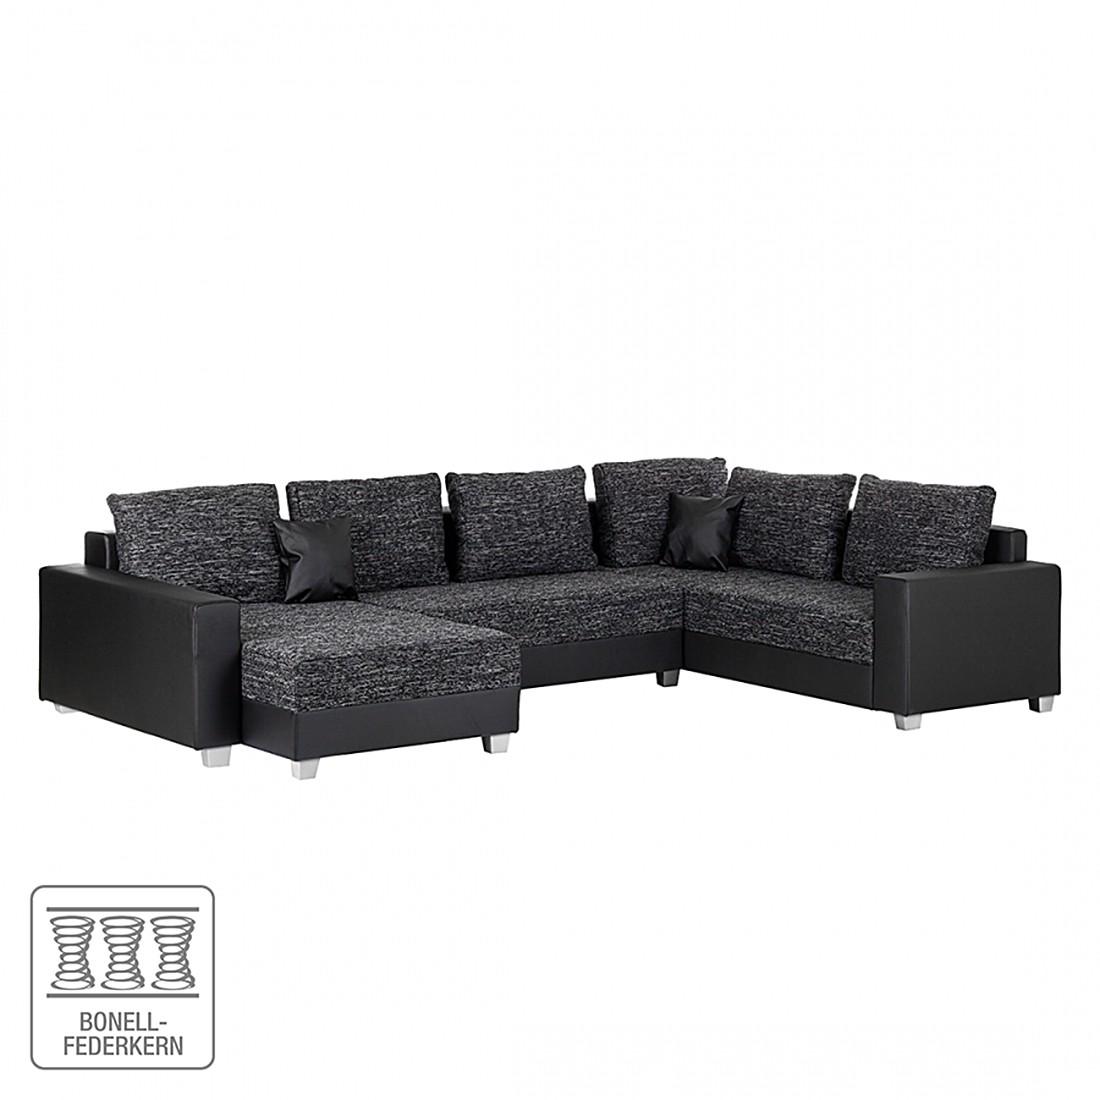 wohnlandschaft dublin mit schlaffunktion kunstleder schwarz strukturstoff grau roomscape. Black Bedroom Furniture Sets. Home Design Ideas